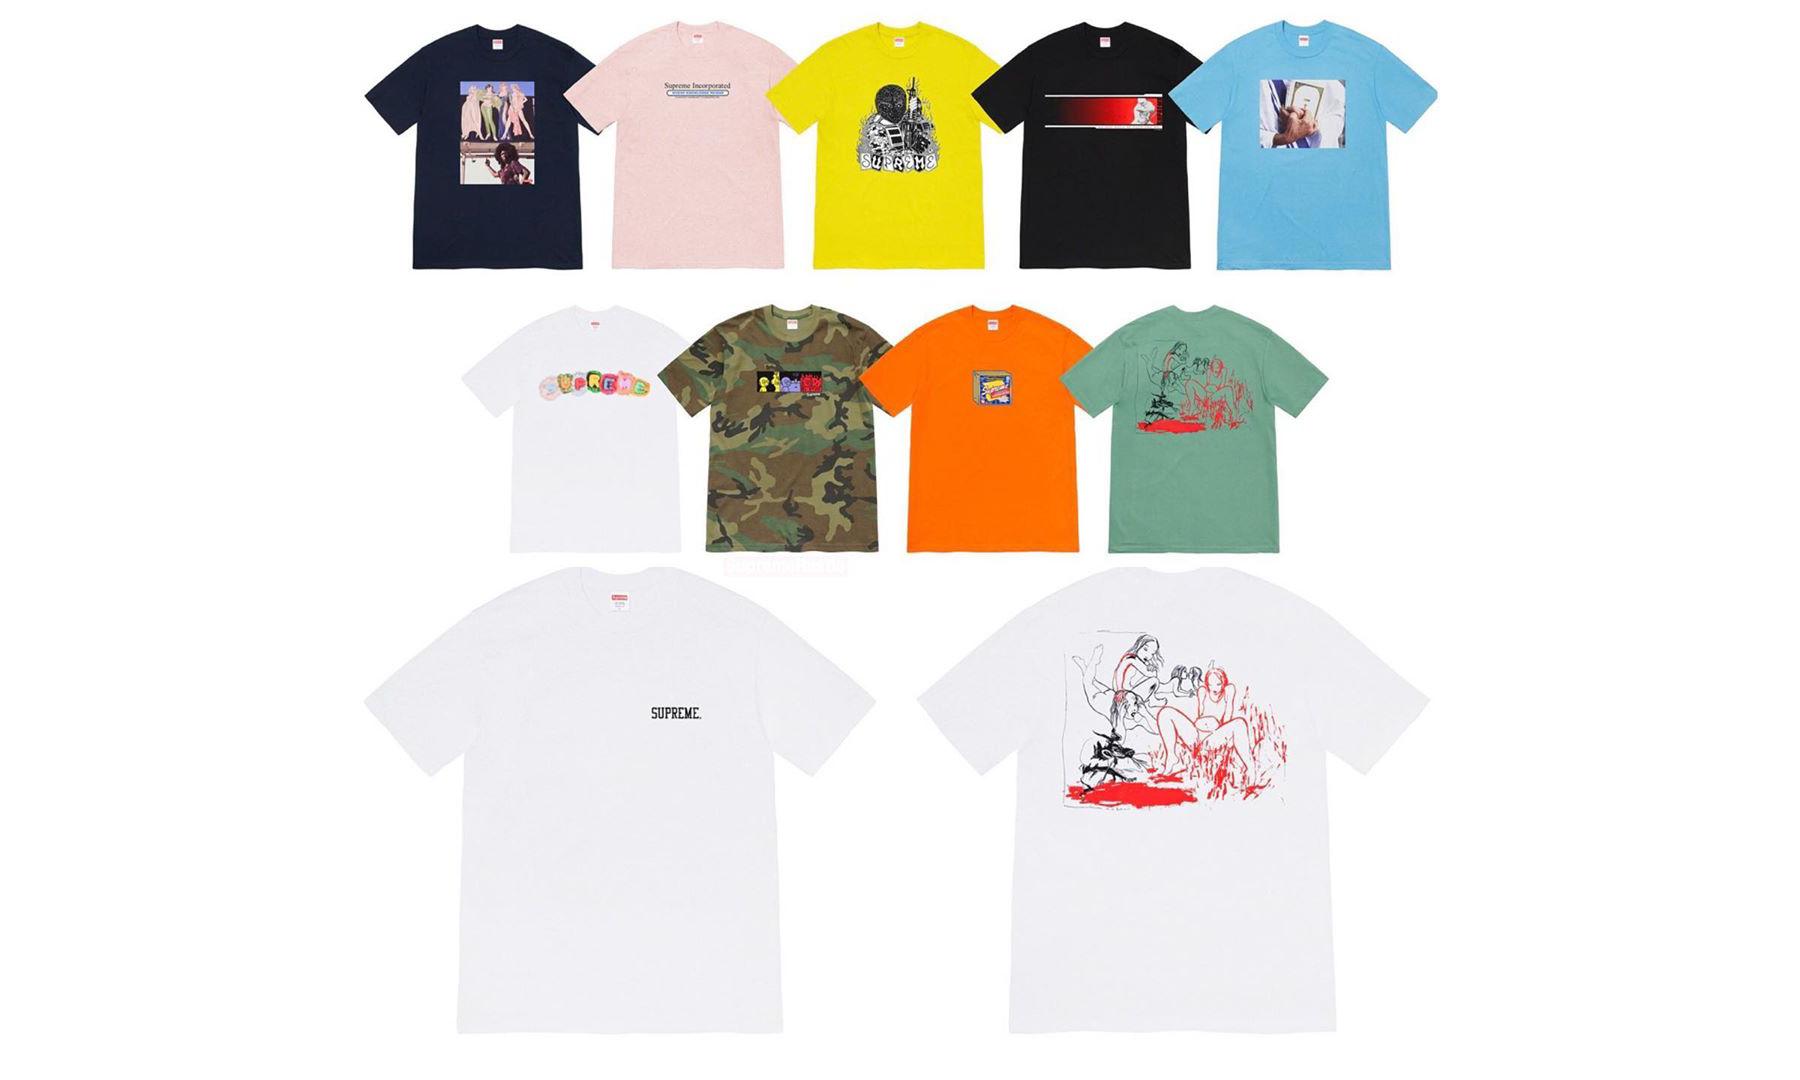 Supreme 2019 秋冬 T恤系列新品预览